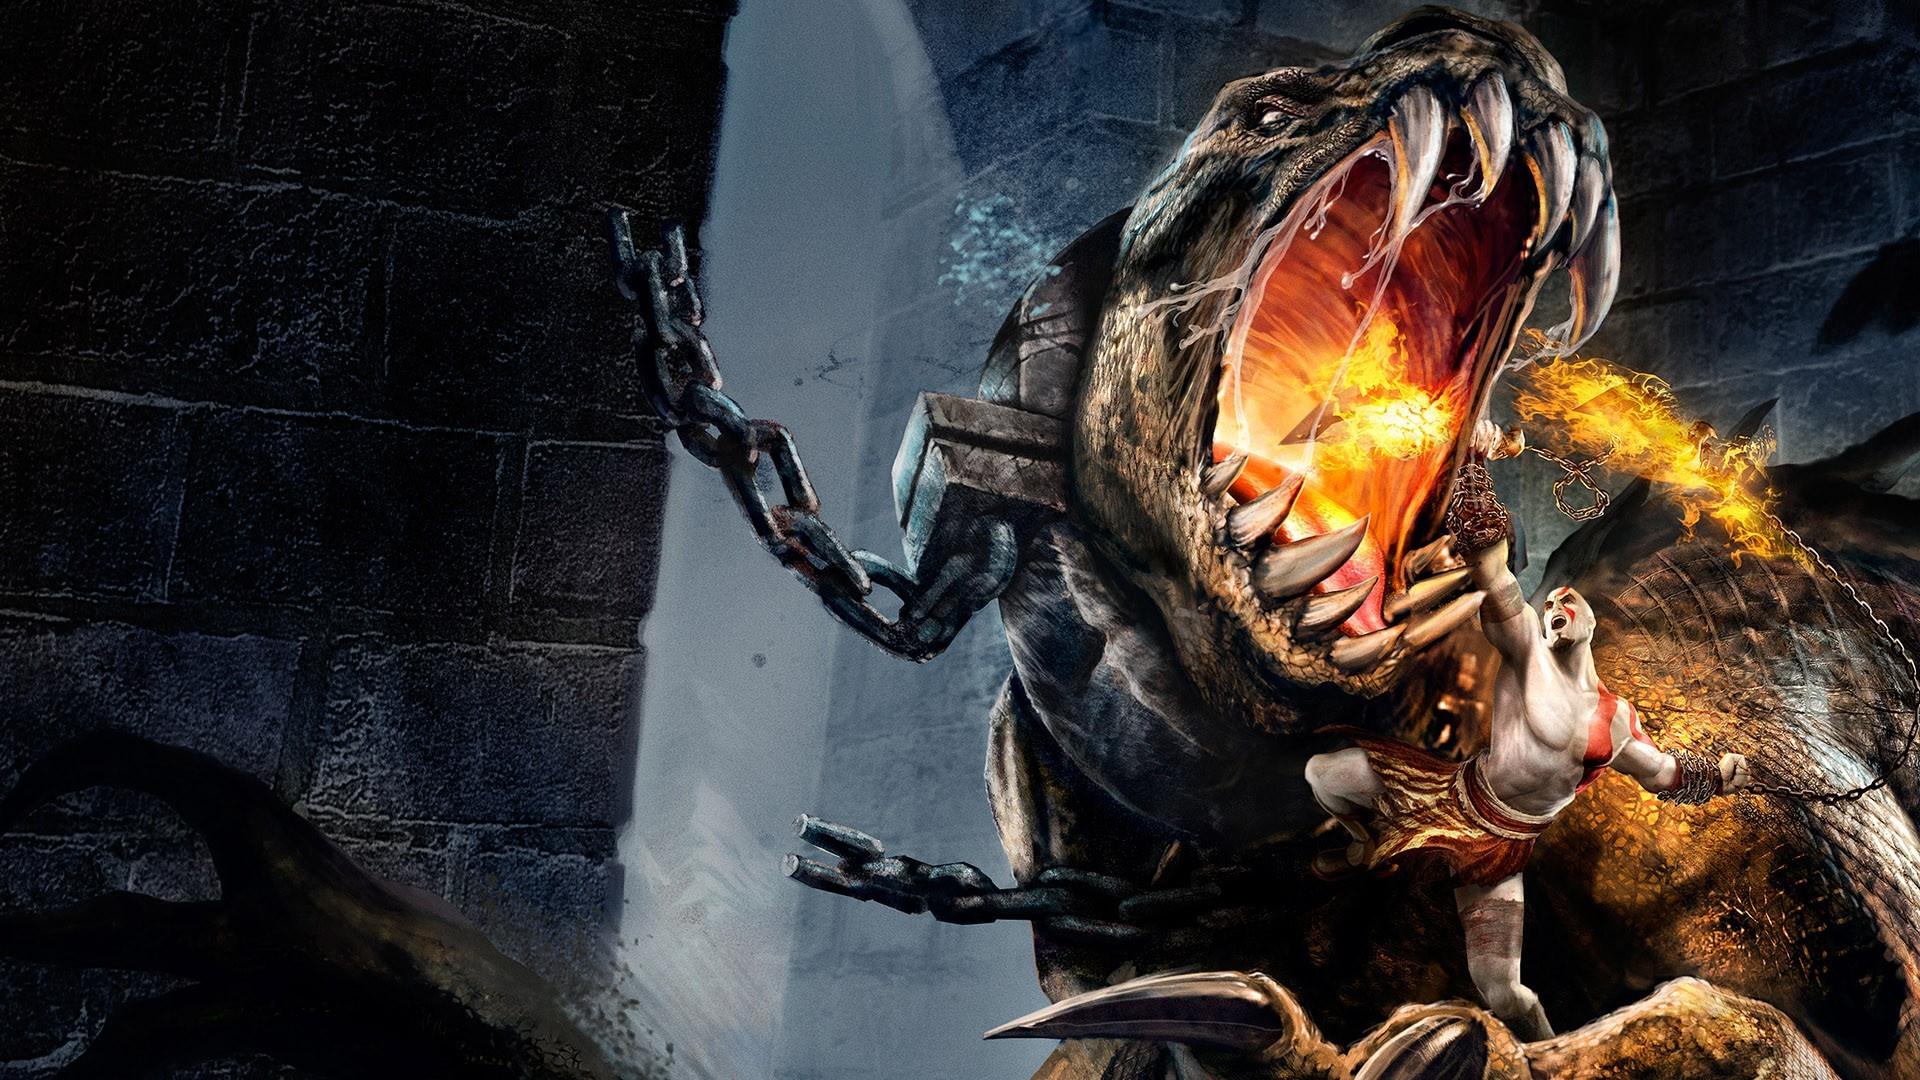 Fond d'écran : jeux vidéo, mythologie, Dieu de la guerre, Kratos, obscurité, capture d'écran ...